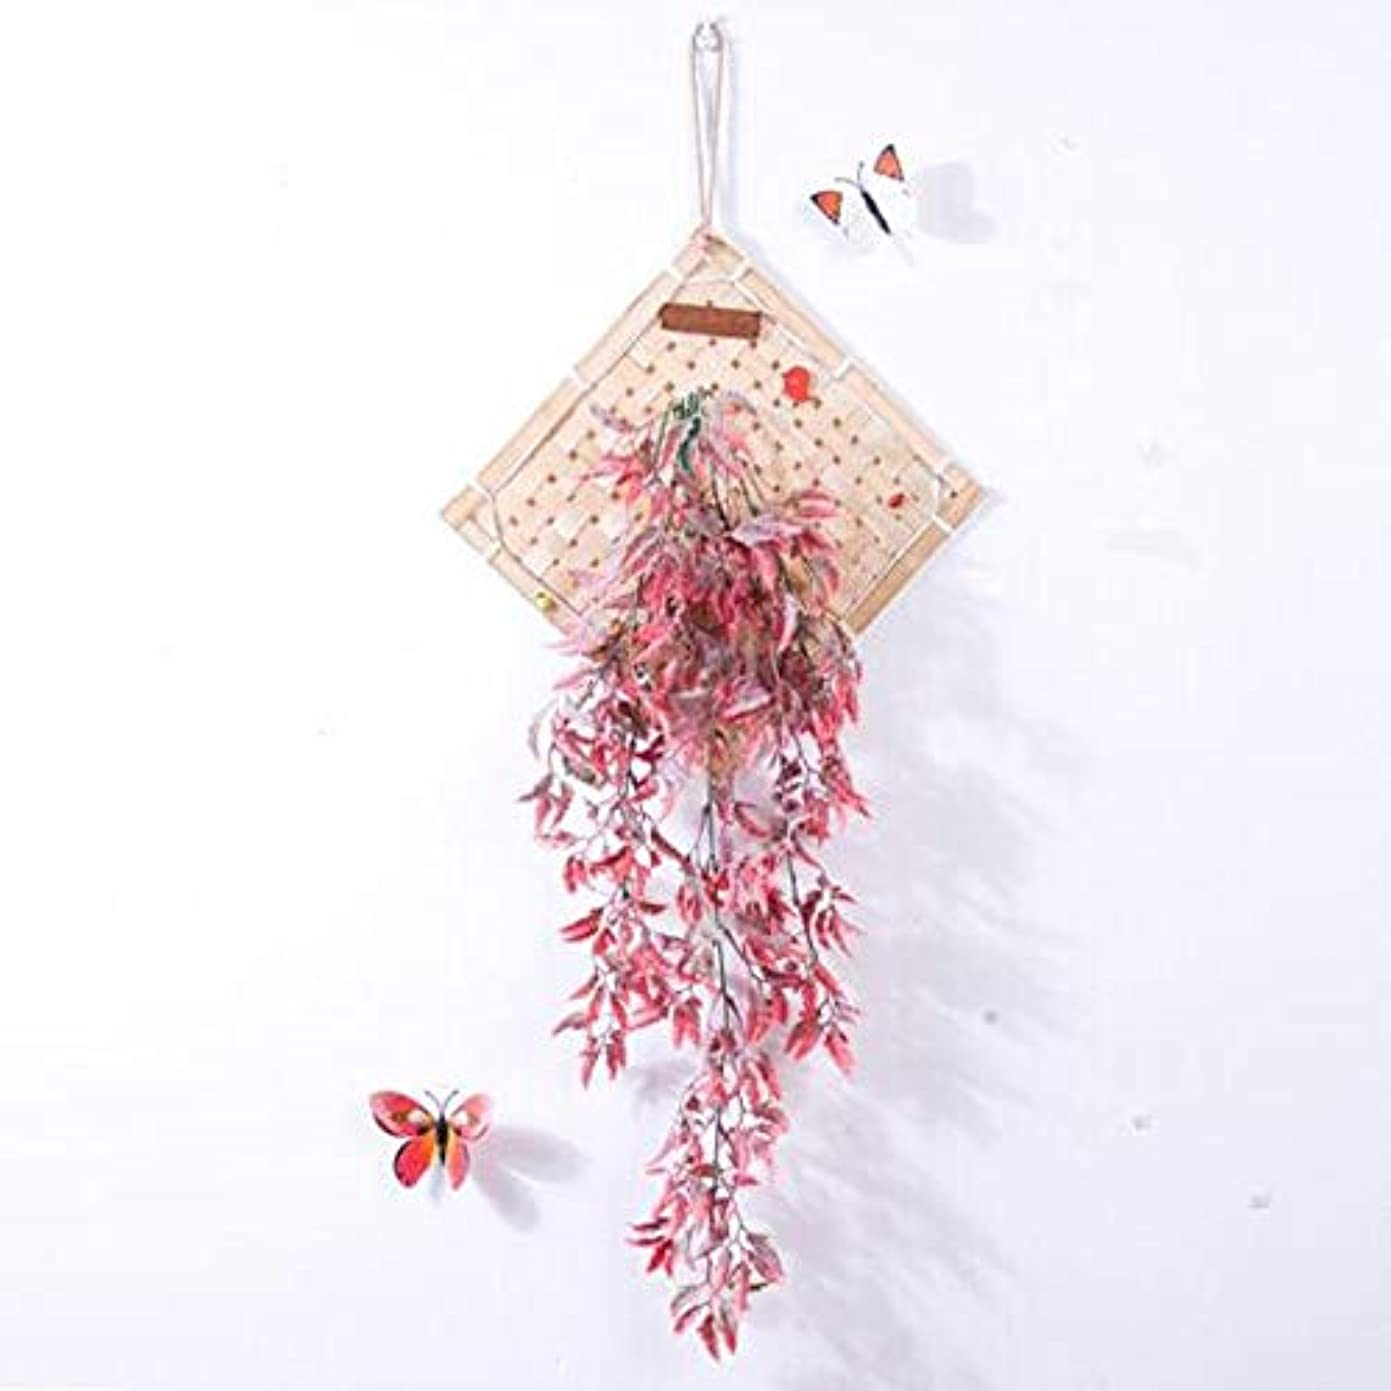 めまいが軍団調子Aishanghuayi 風チャイム、クリエイティブ?竹ホームデコレーション風チャイム、パープル、幅38.5CM,ファッションオーナメント (Color : Pink)